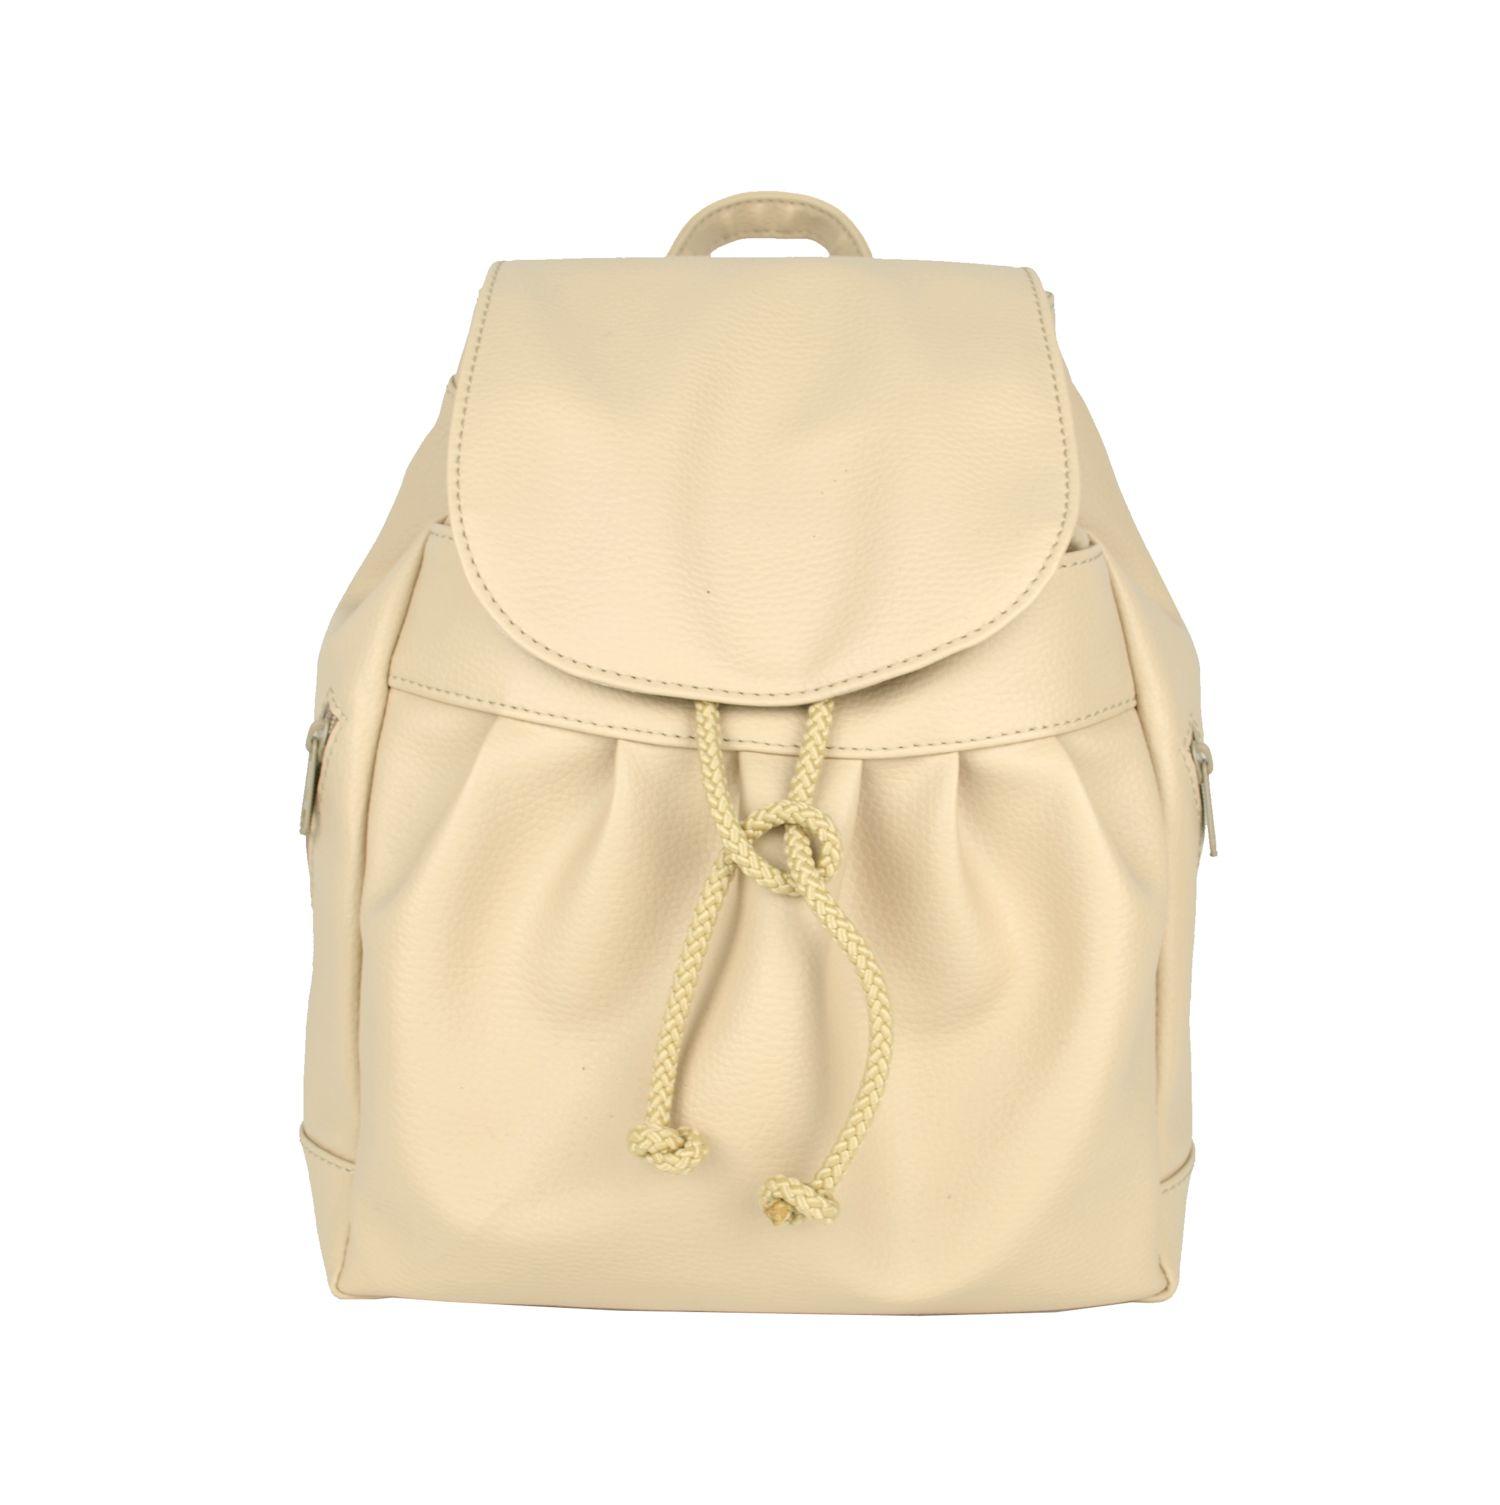 eb2fec5b0113 Dámsky kožený módny ruksak 8665u v bežovej farbe (2)